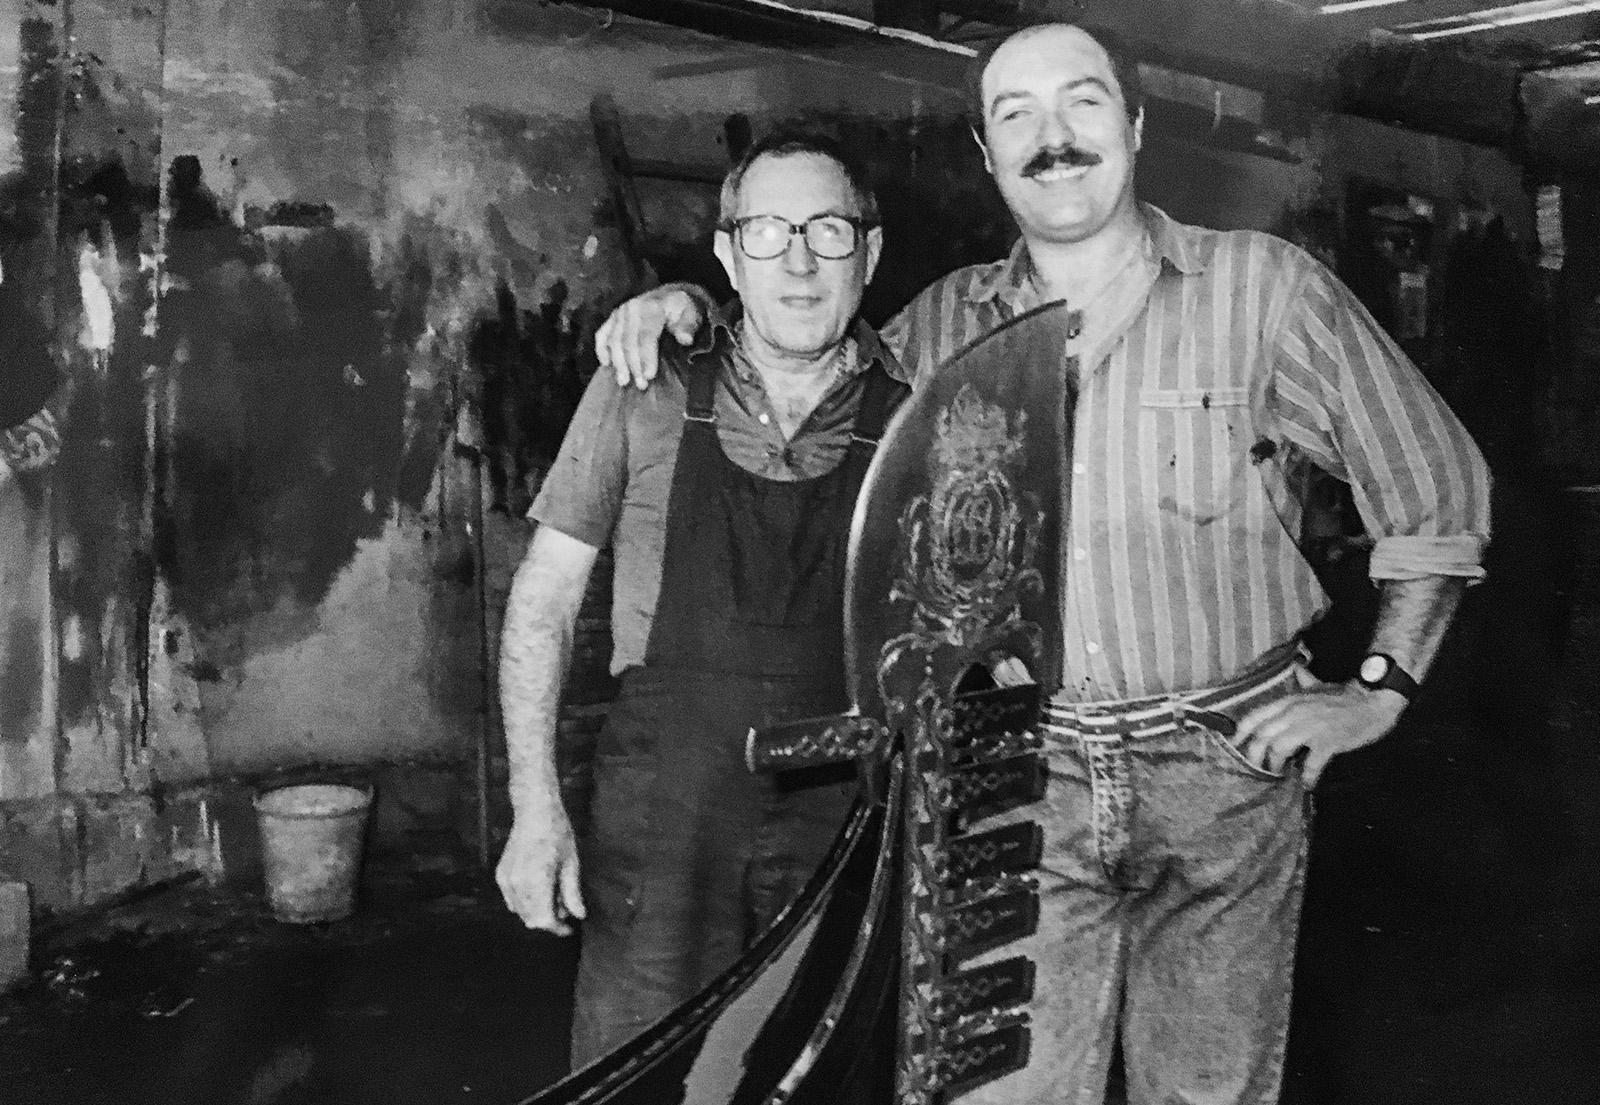 Nedis e Roberto Tramontin allo Squero Tramontin, Venezia